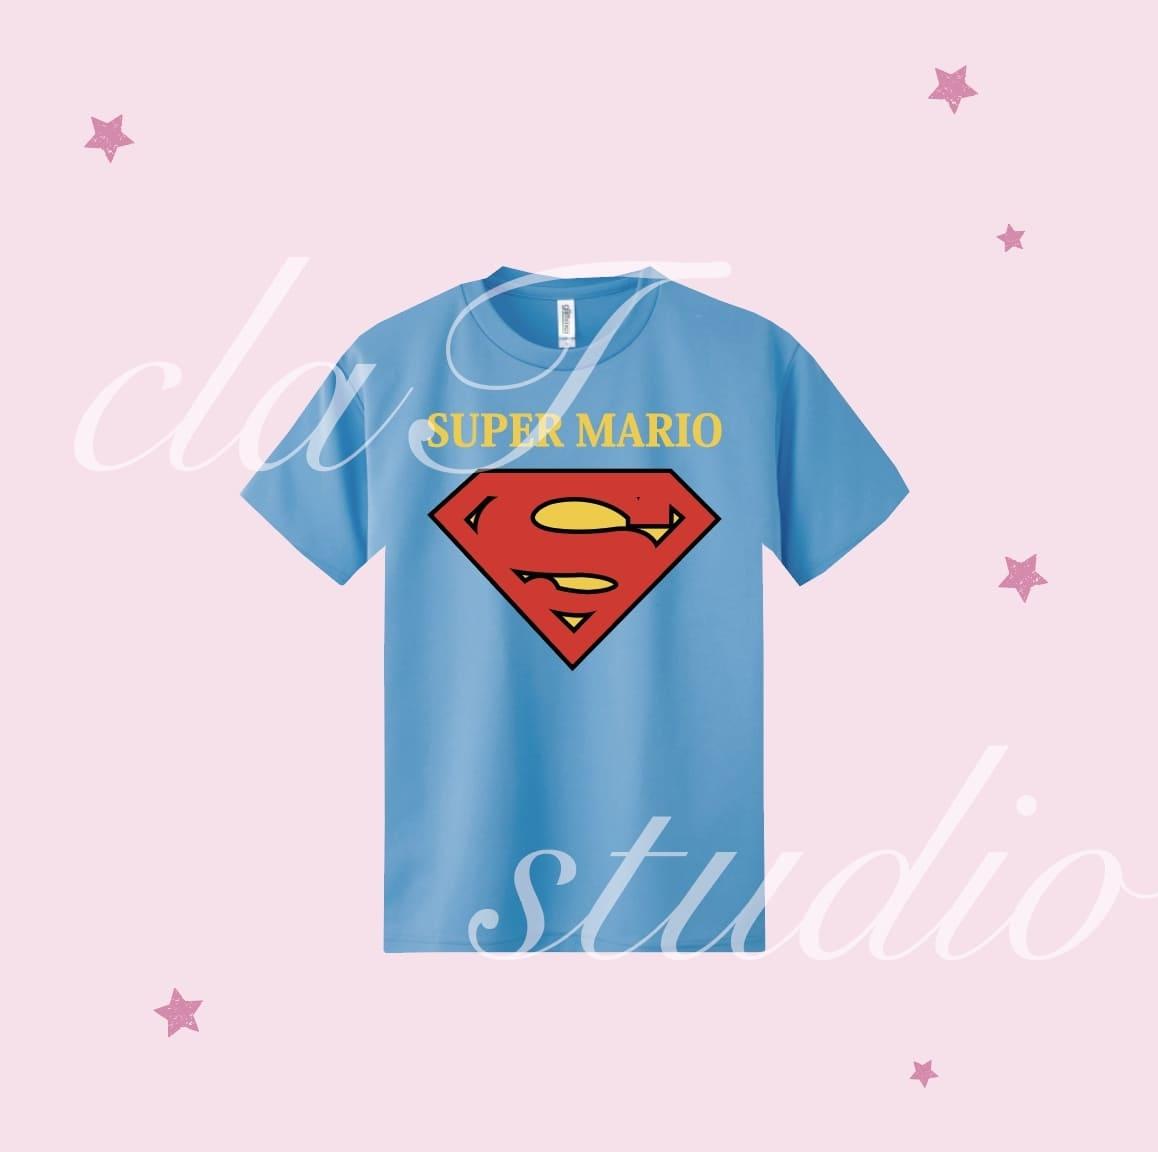 スーパーマン_image_0003